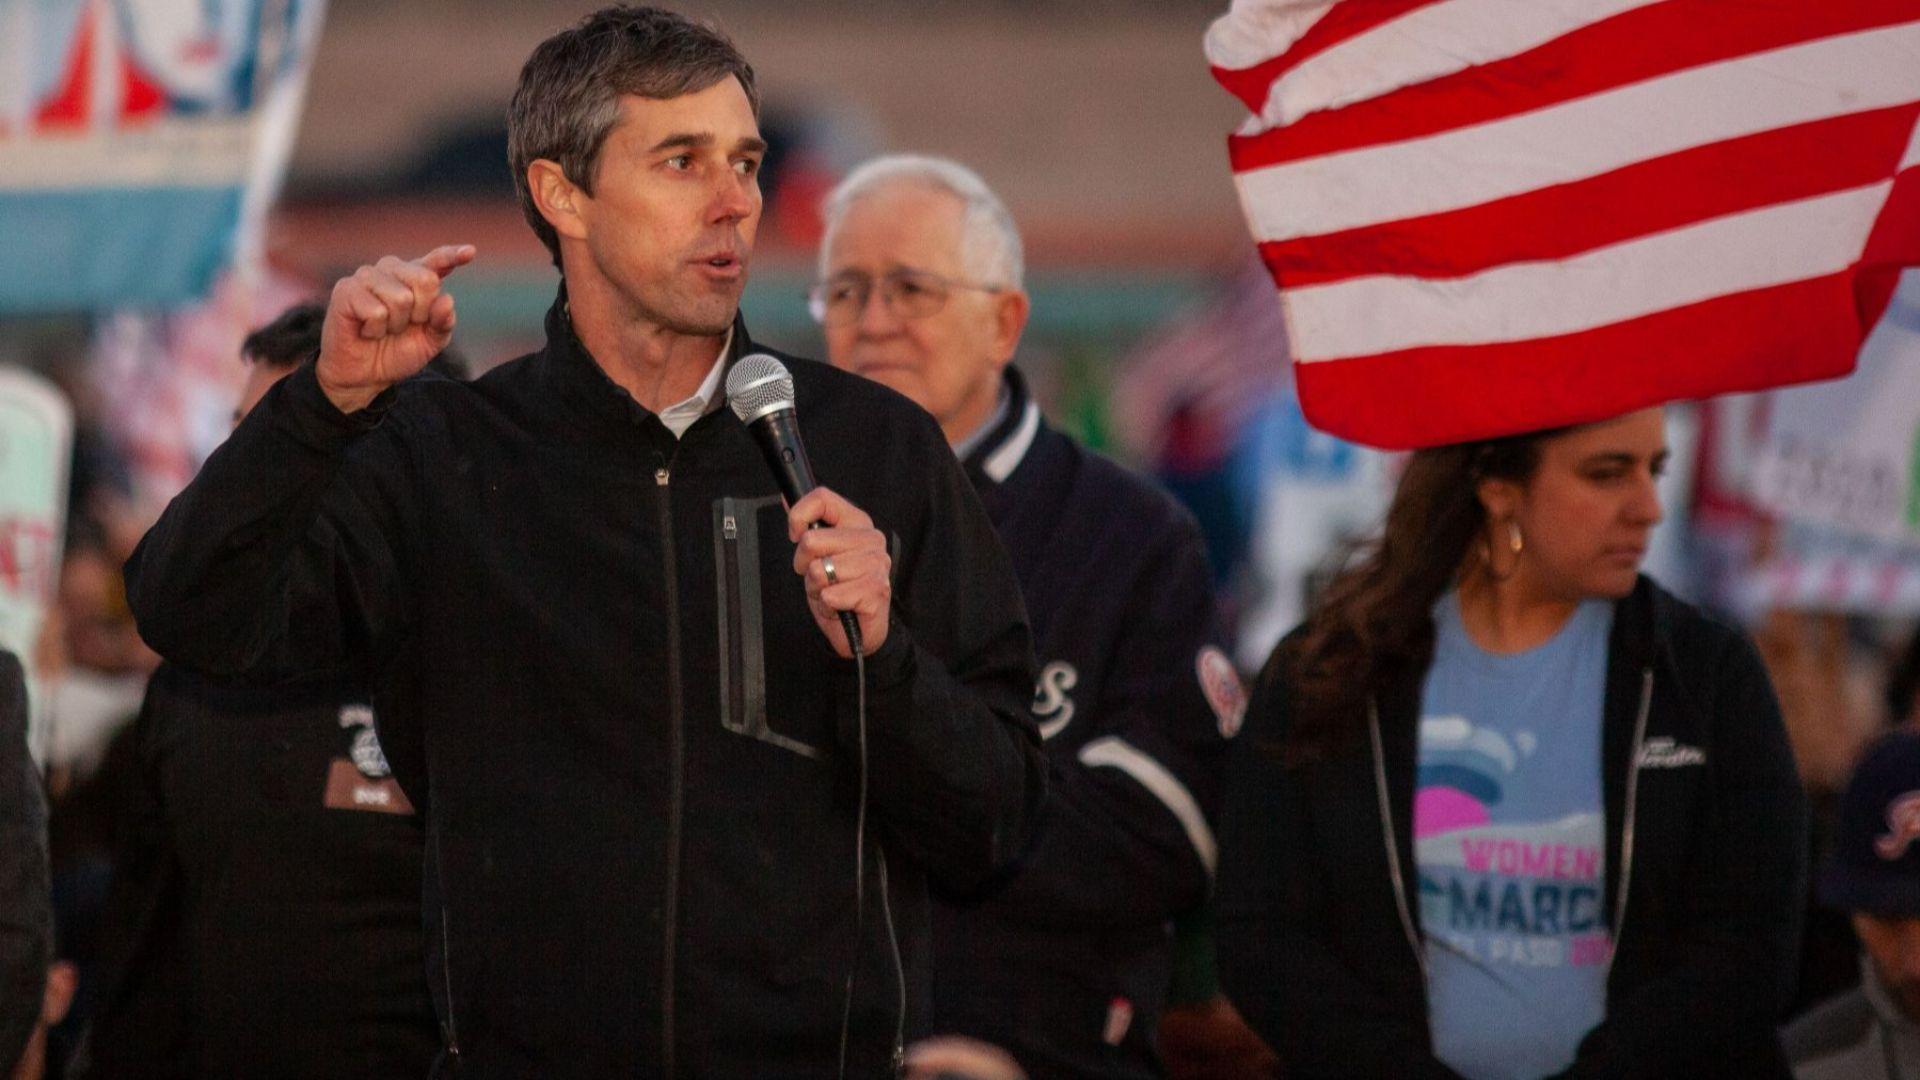 Човекът, който разби предизборния модел на финансиране, се кандидатира за президент на САЩ